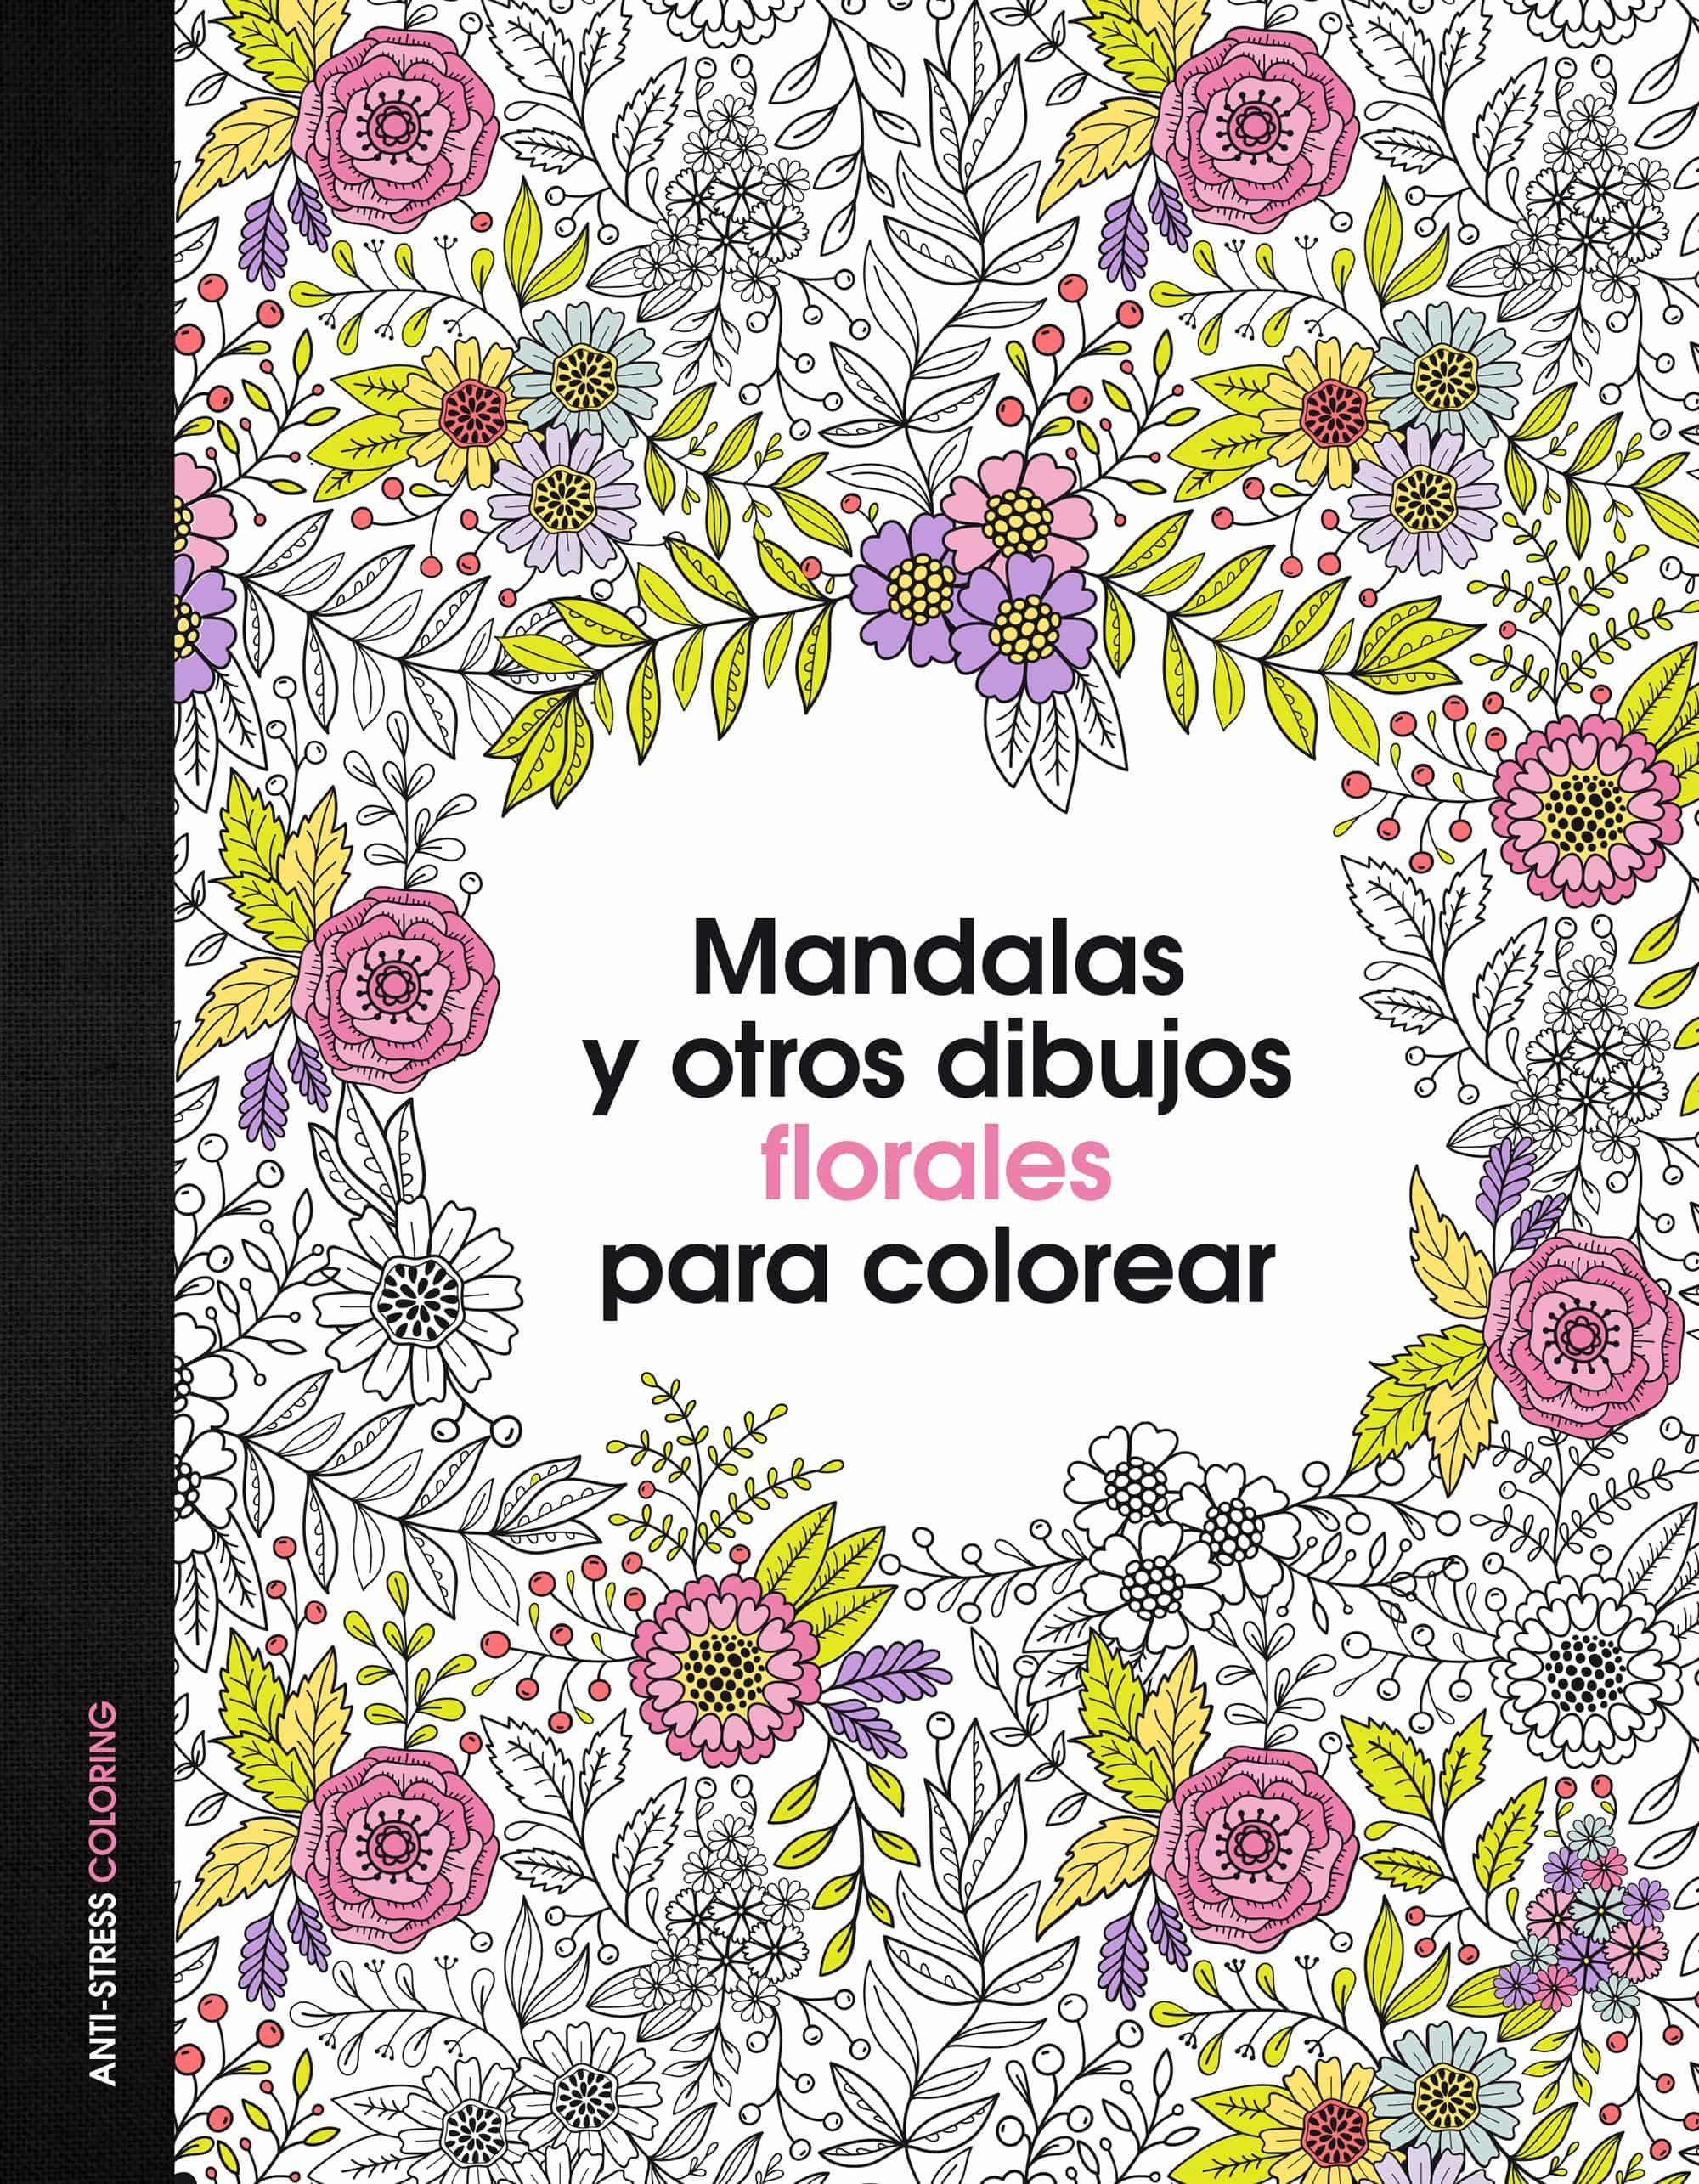 MANDALAS Y OTROS DIBUJOS FLORALES PARA COLOREAR | VV.AA. | Comprar ...